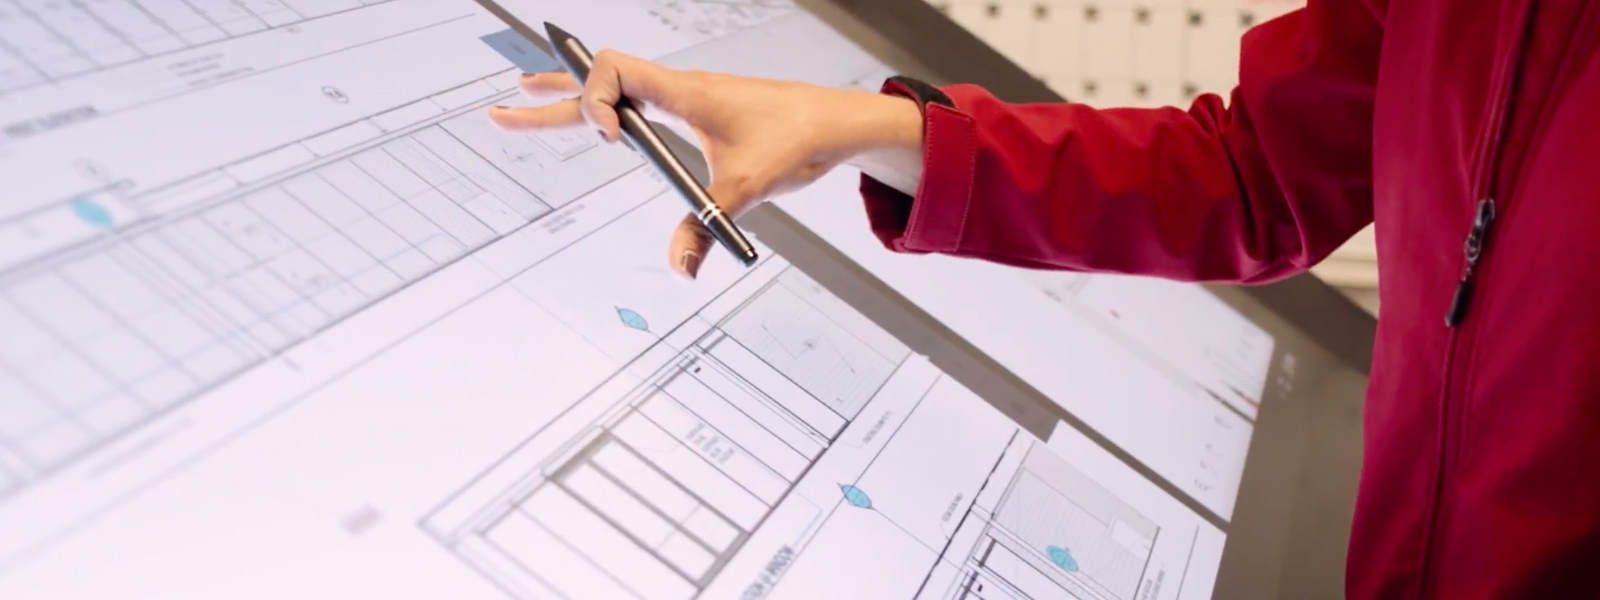 يعمل موظف شركة Suffolk Construction على مخطط على جهاز Surface Hub.